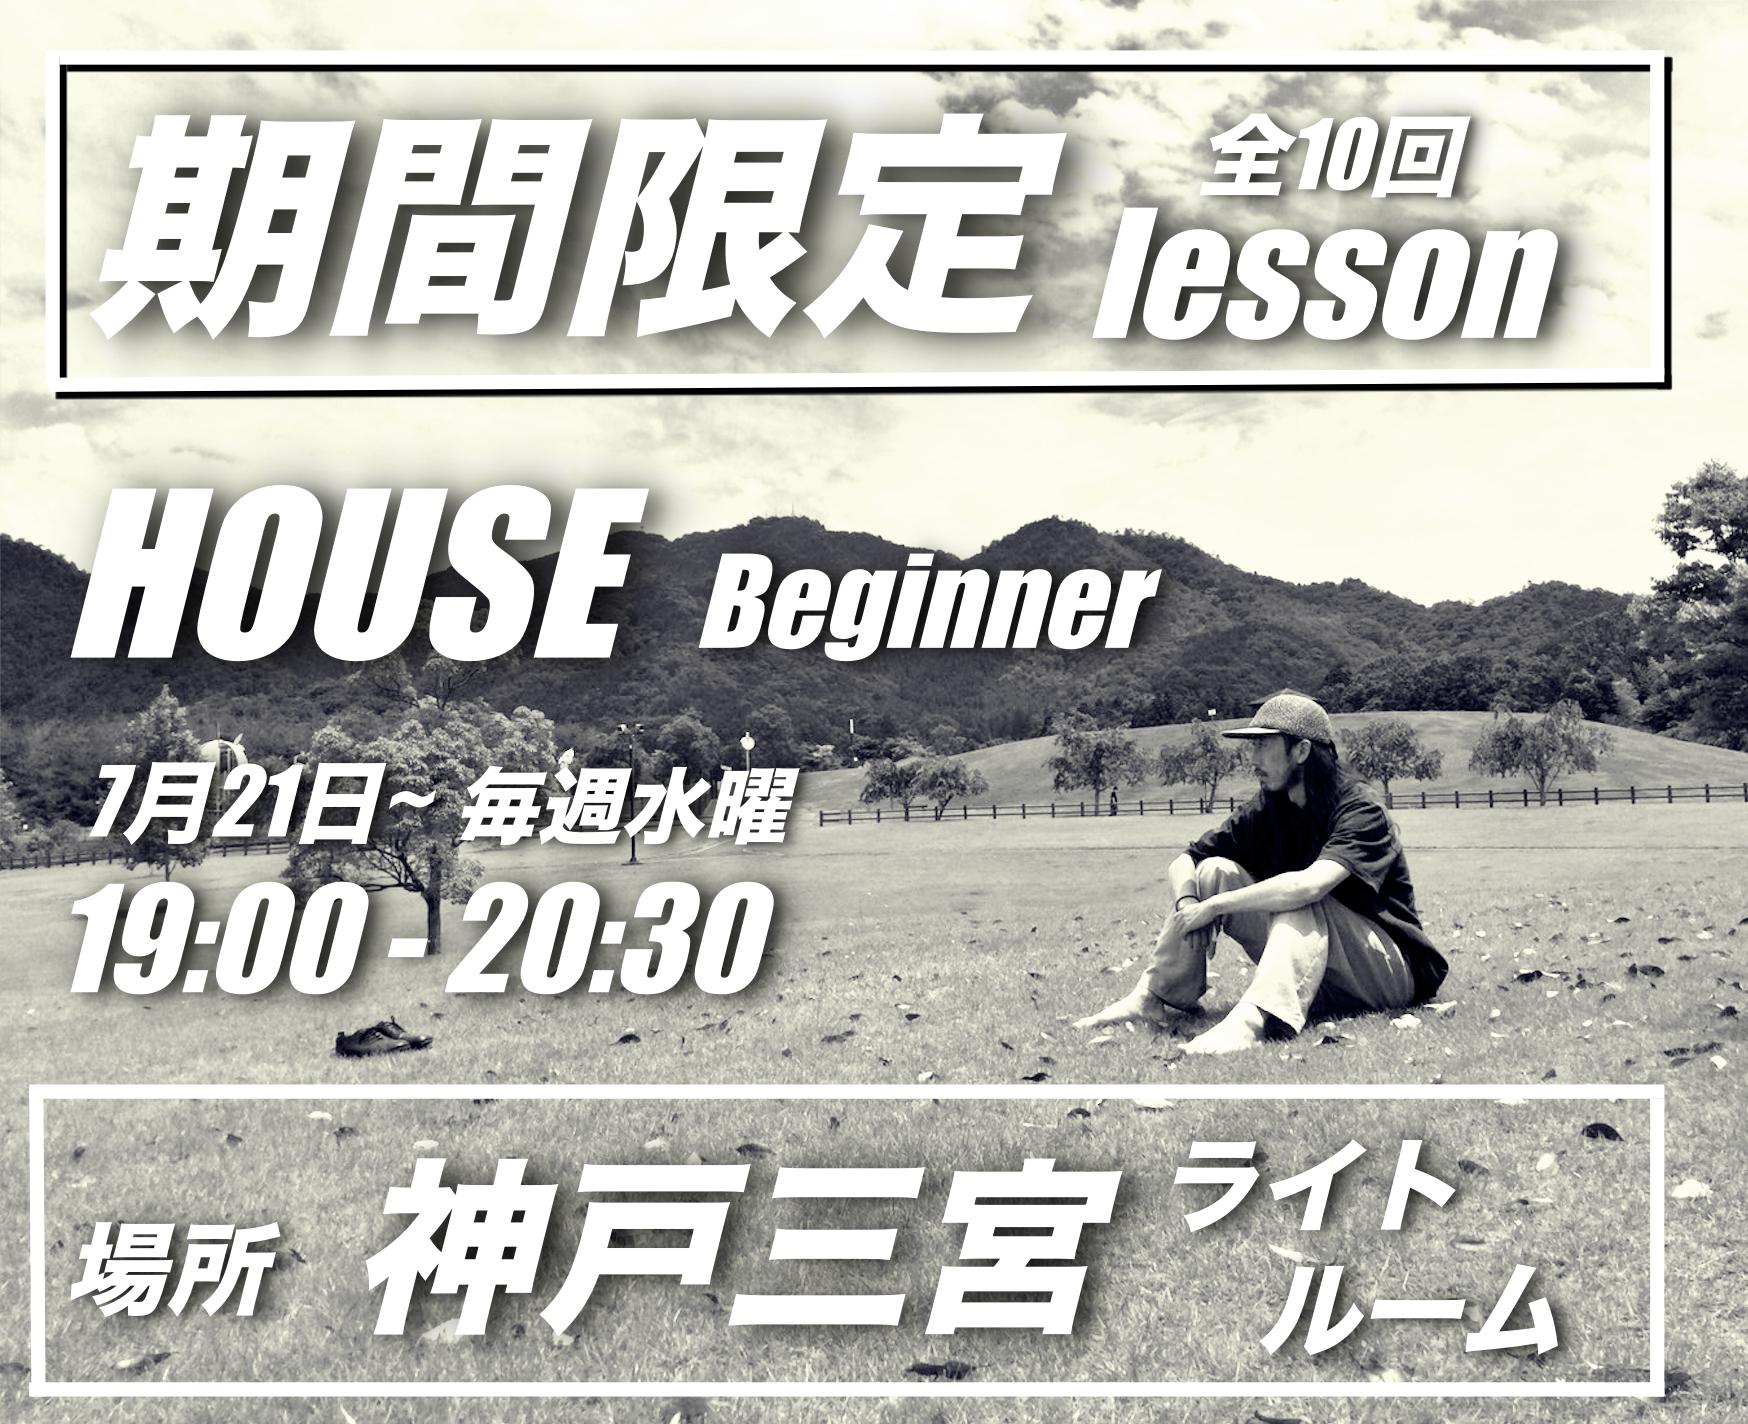 神戸で期間限定レッスン7月21日(水)スタート